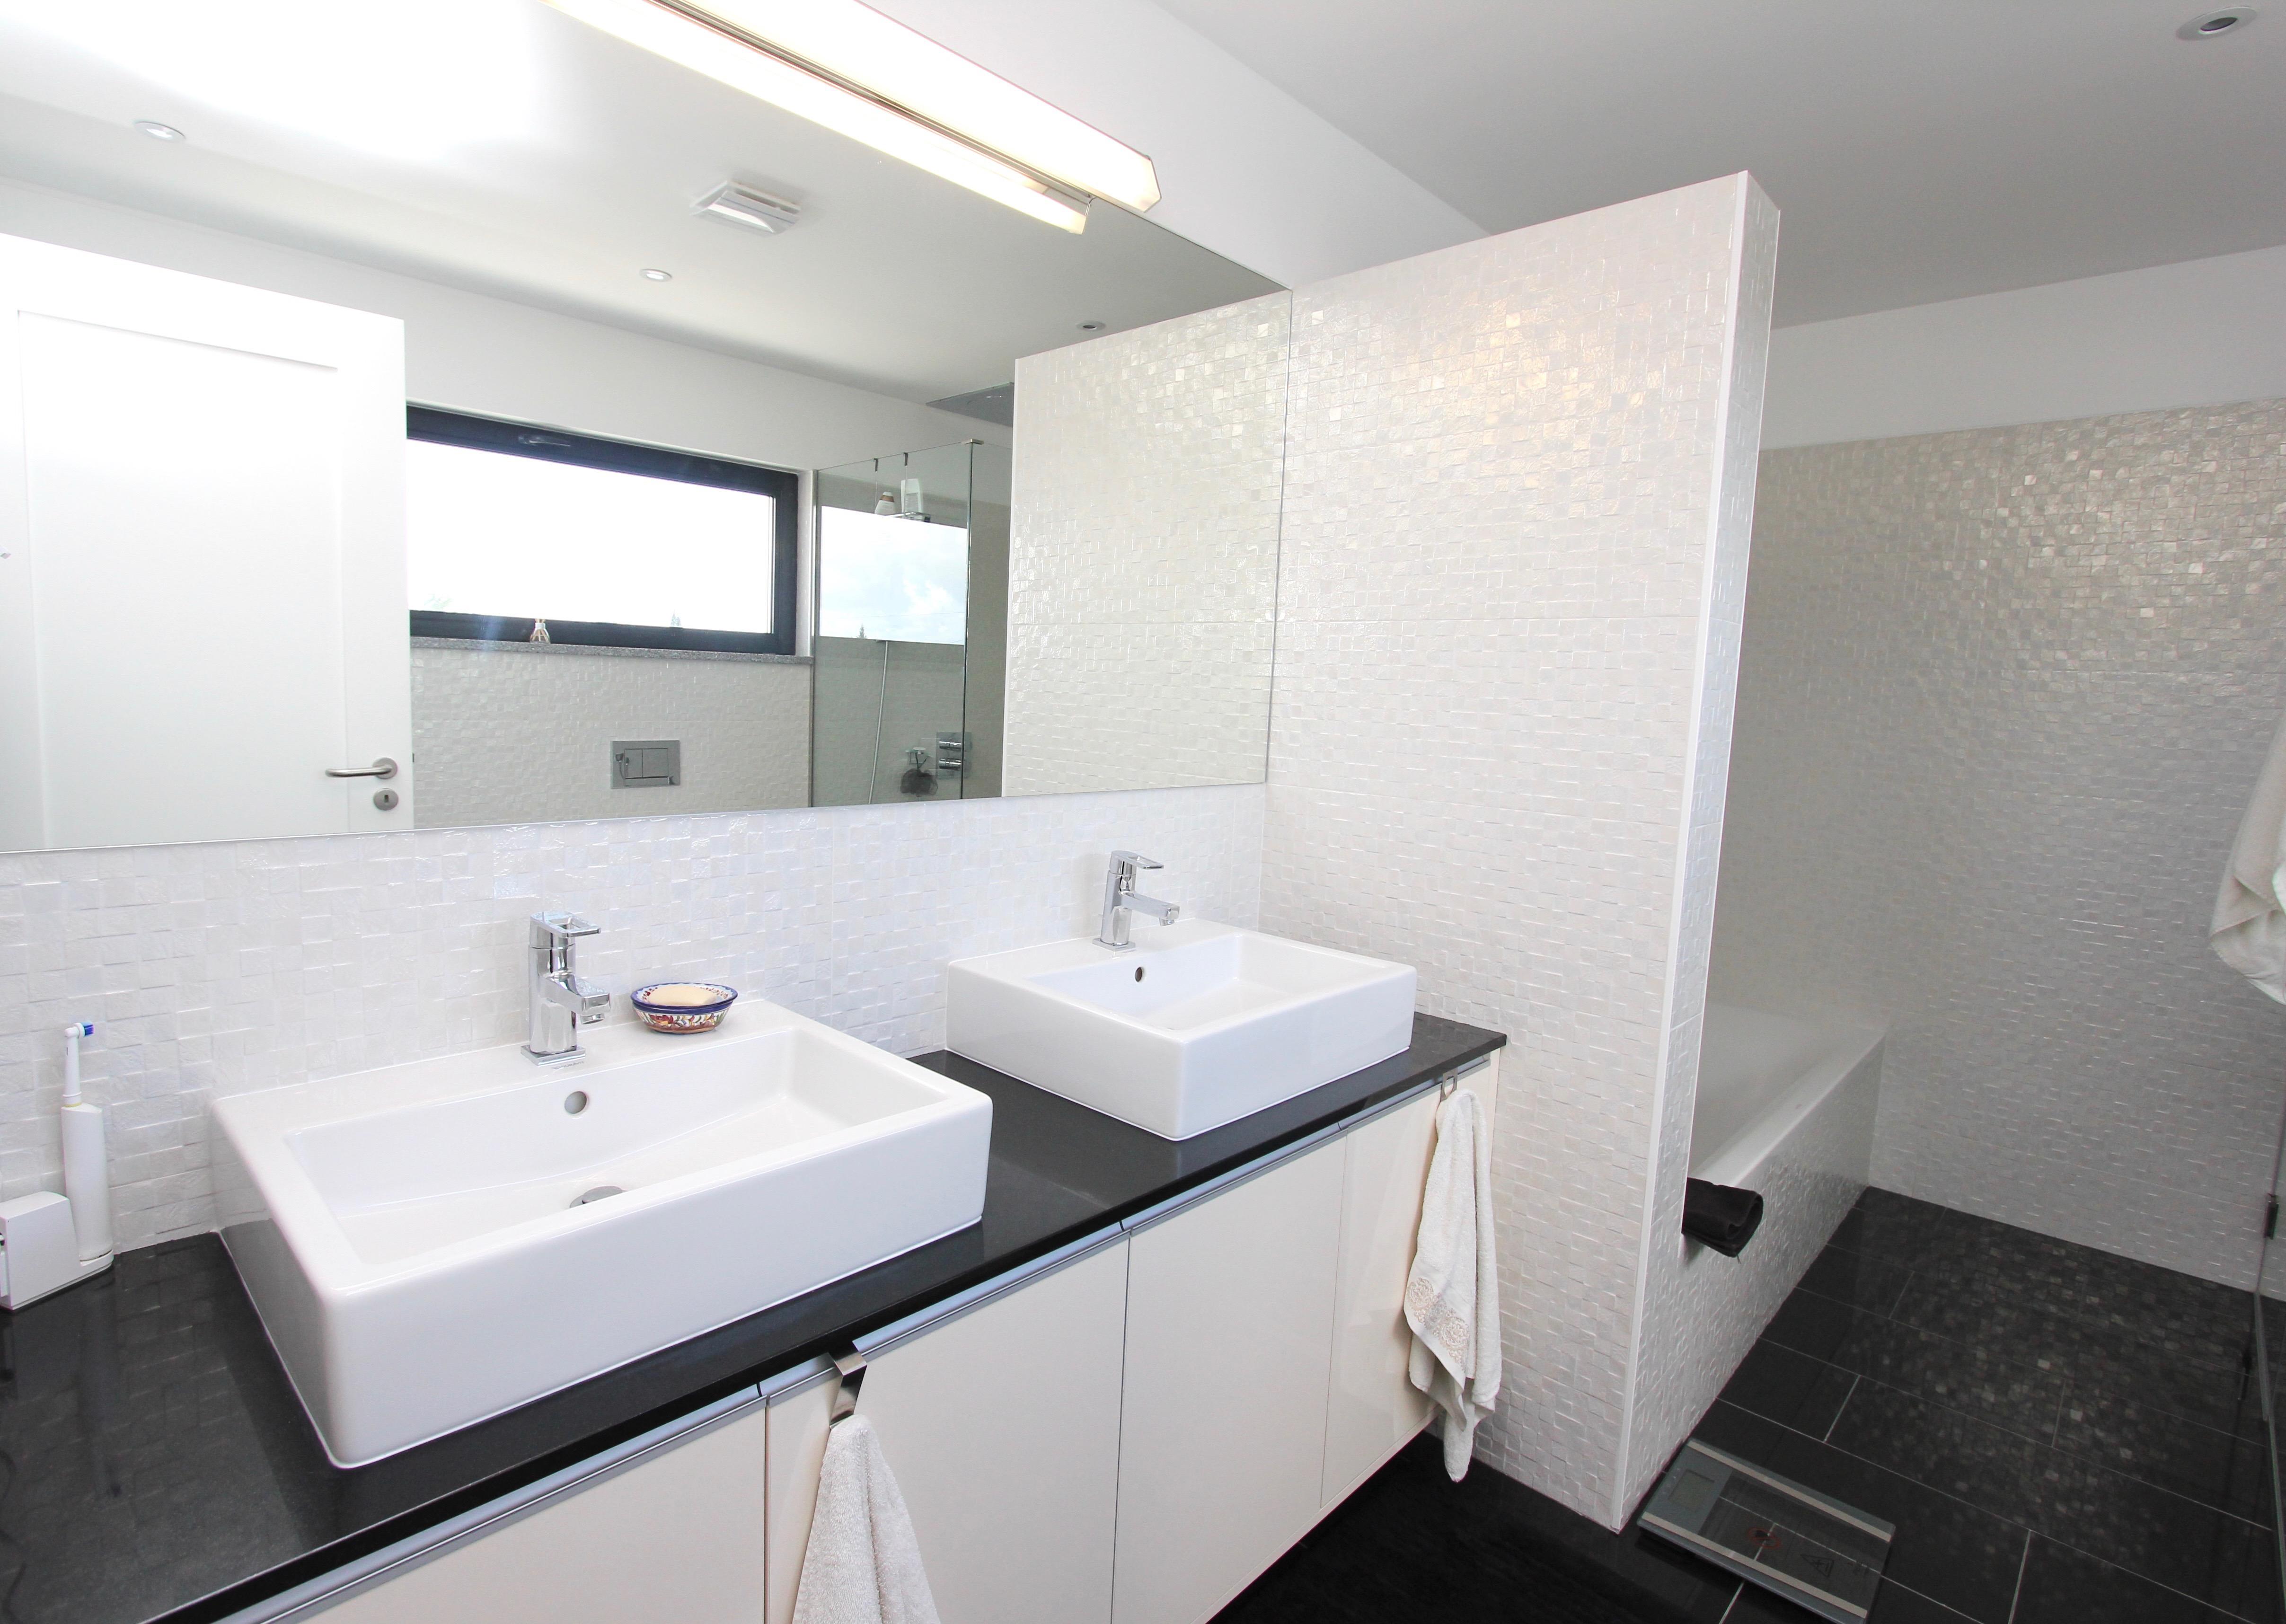 EPRE4 Carvoeiro außergewöhnliche zeitgenössische Design Villa,4 Slz ...